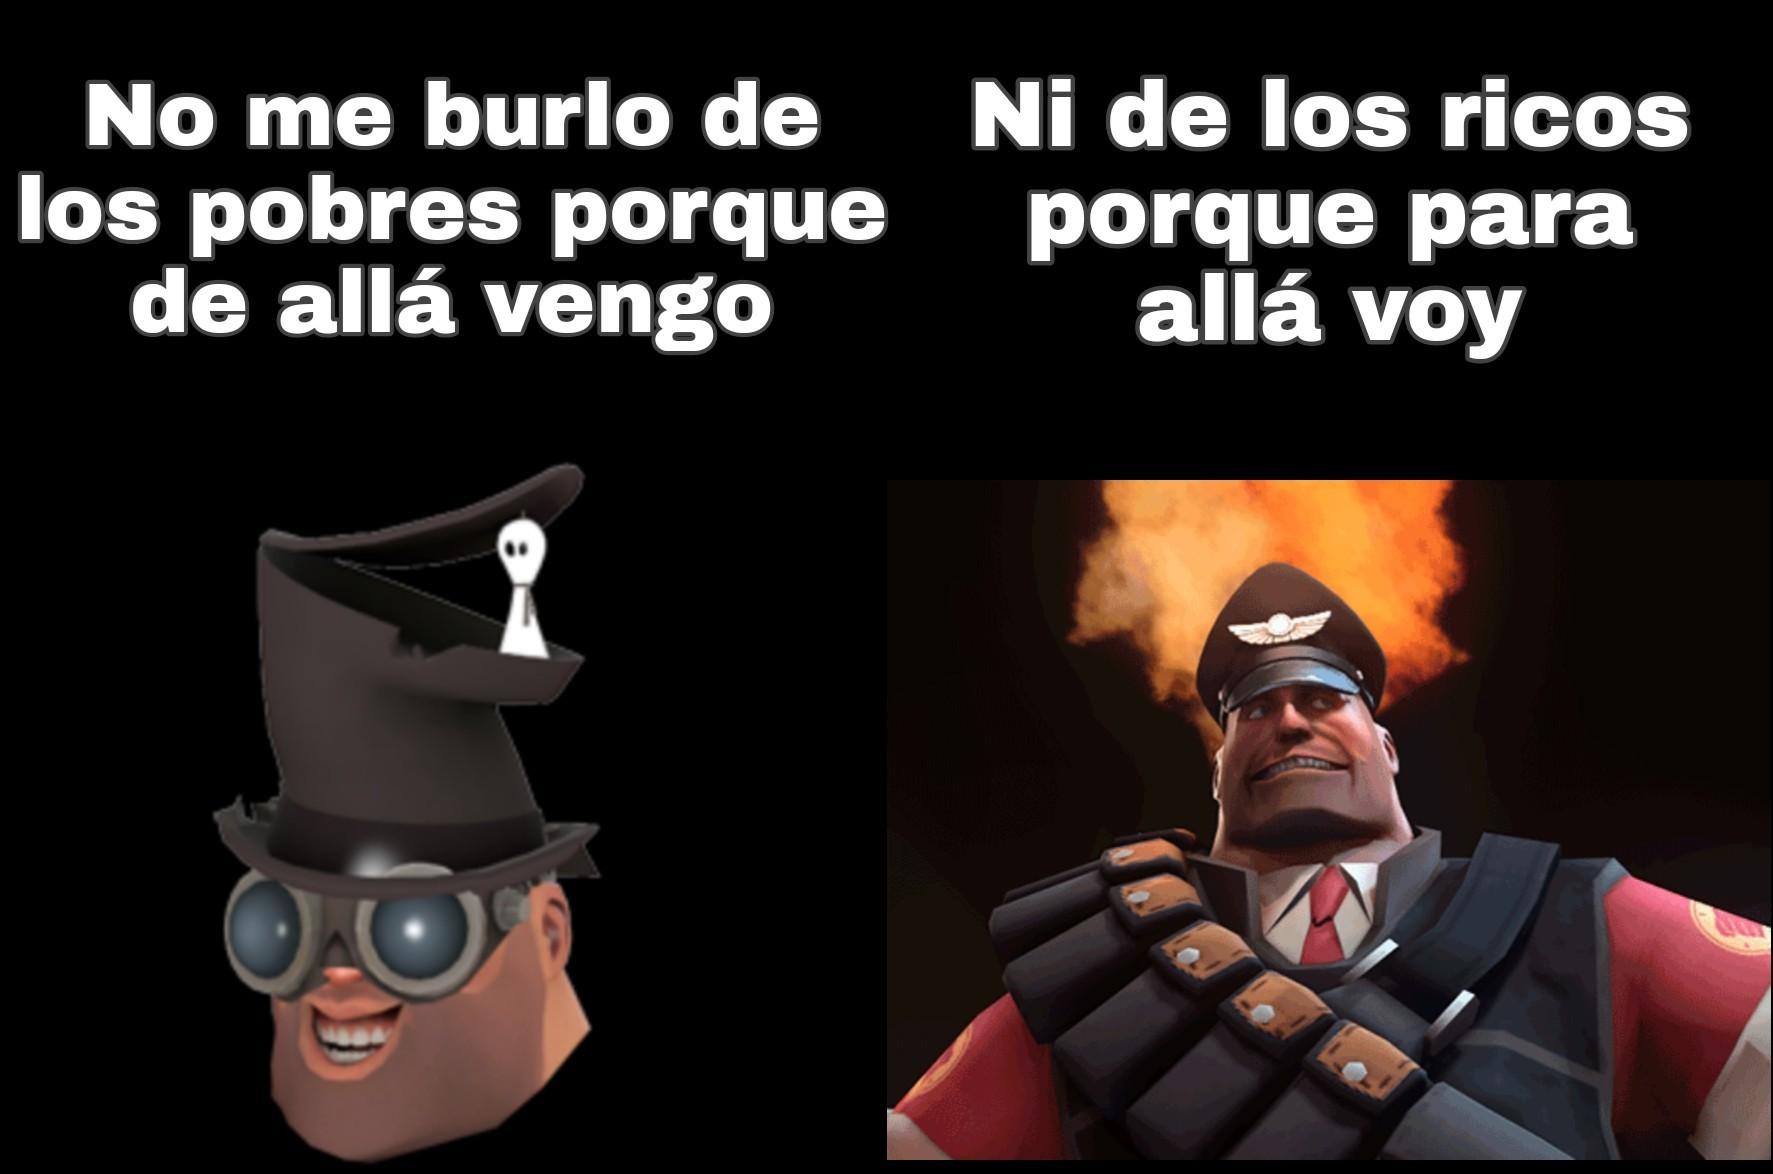 POOTIS - meme